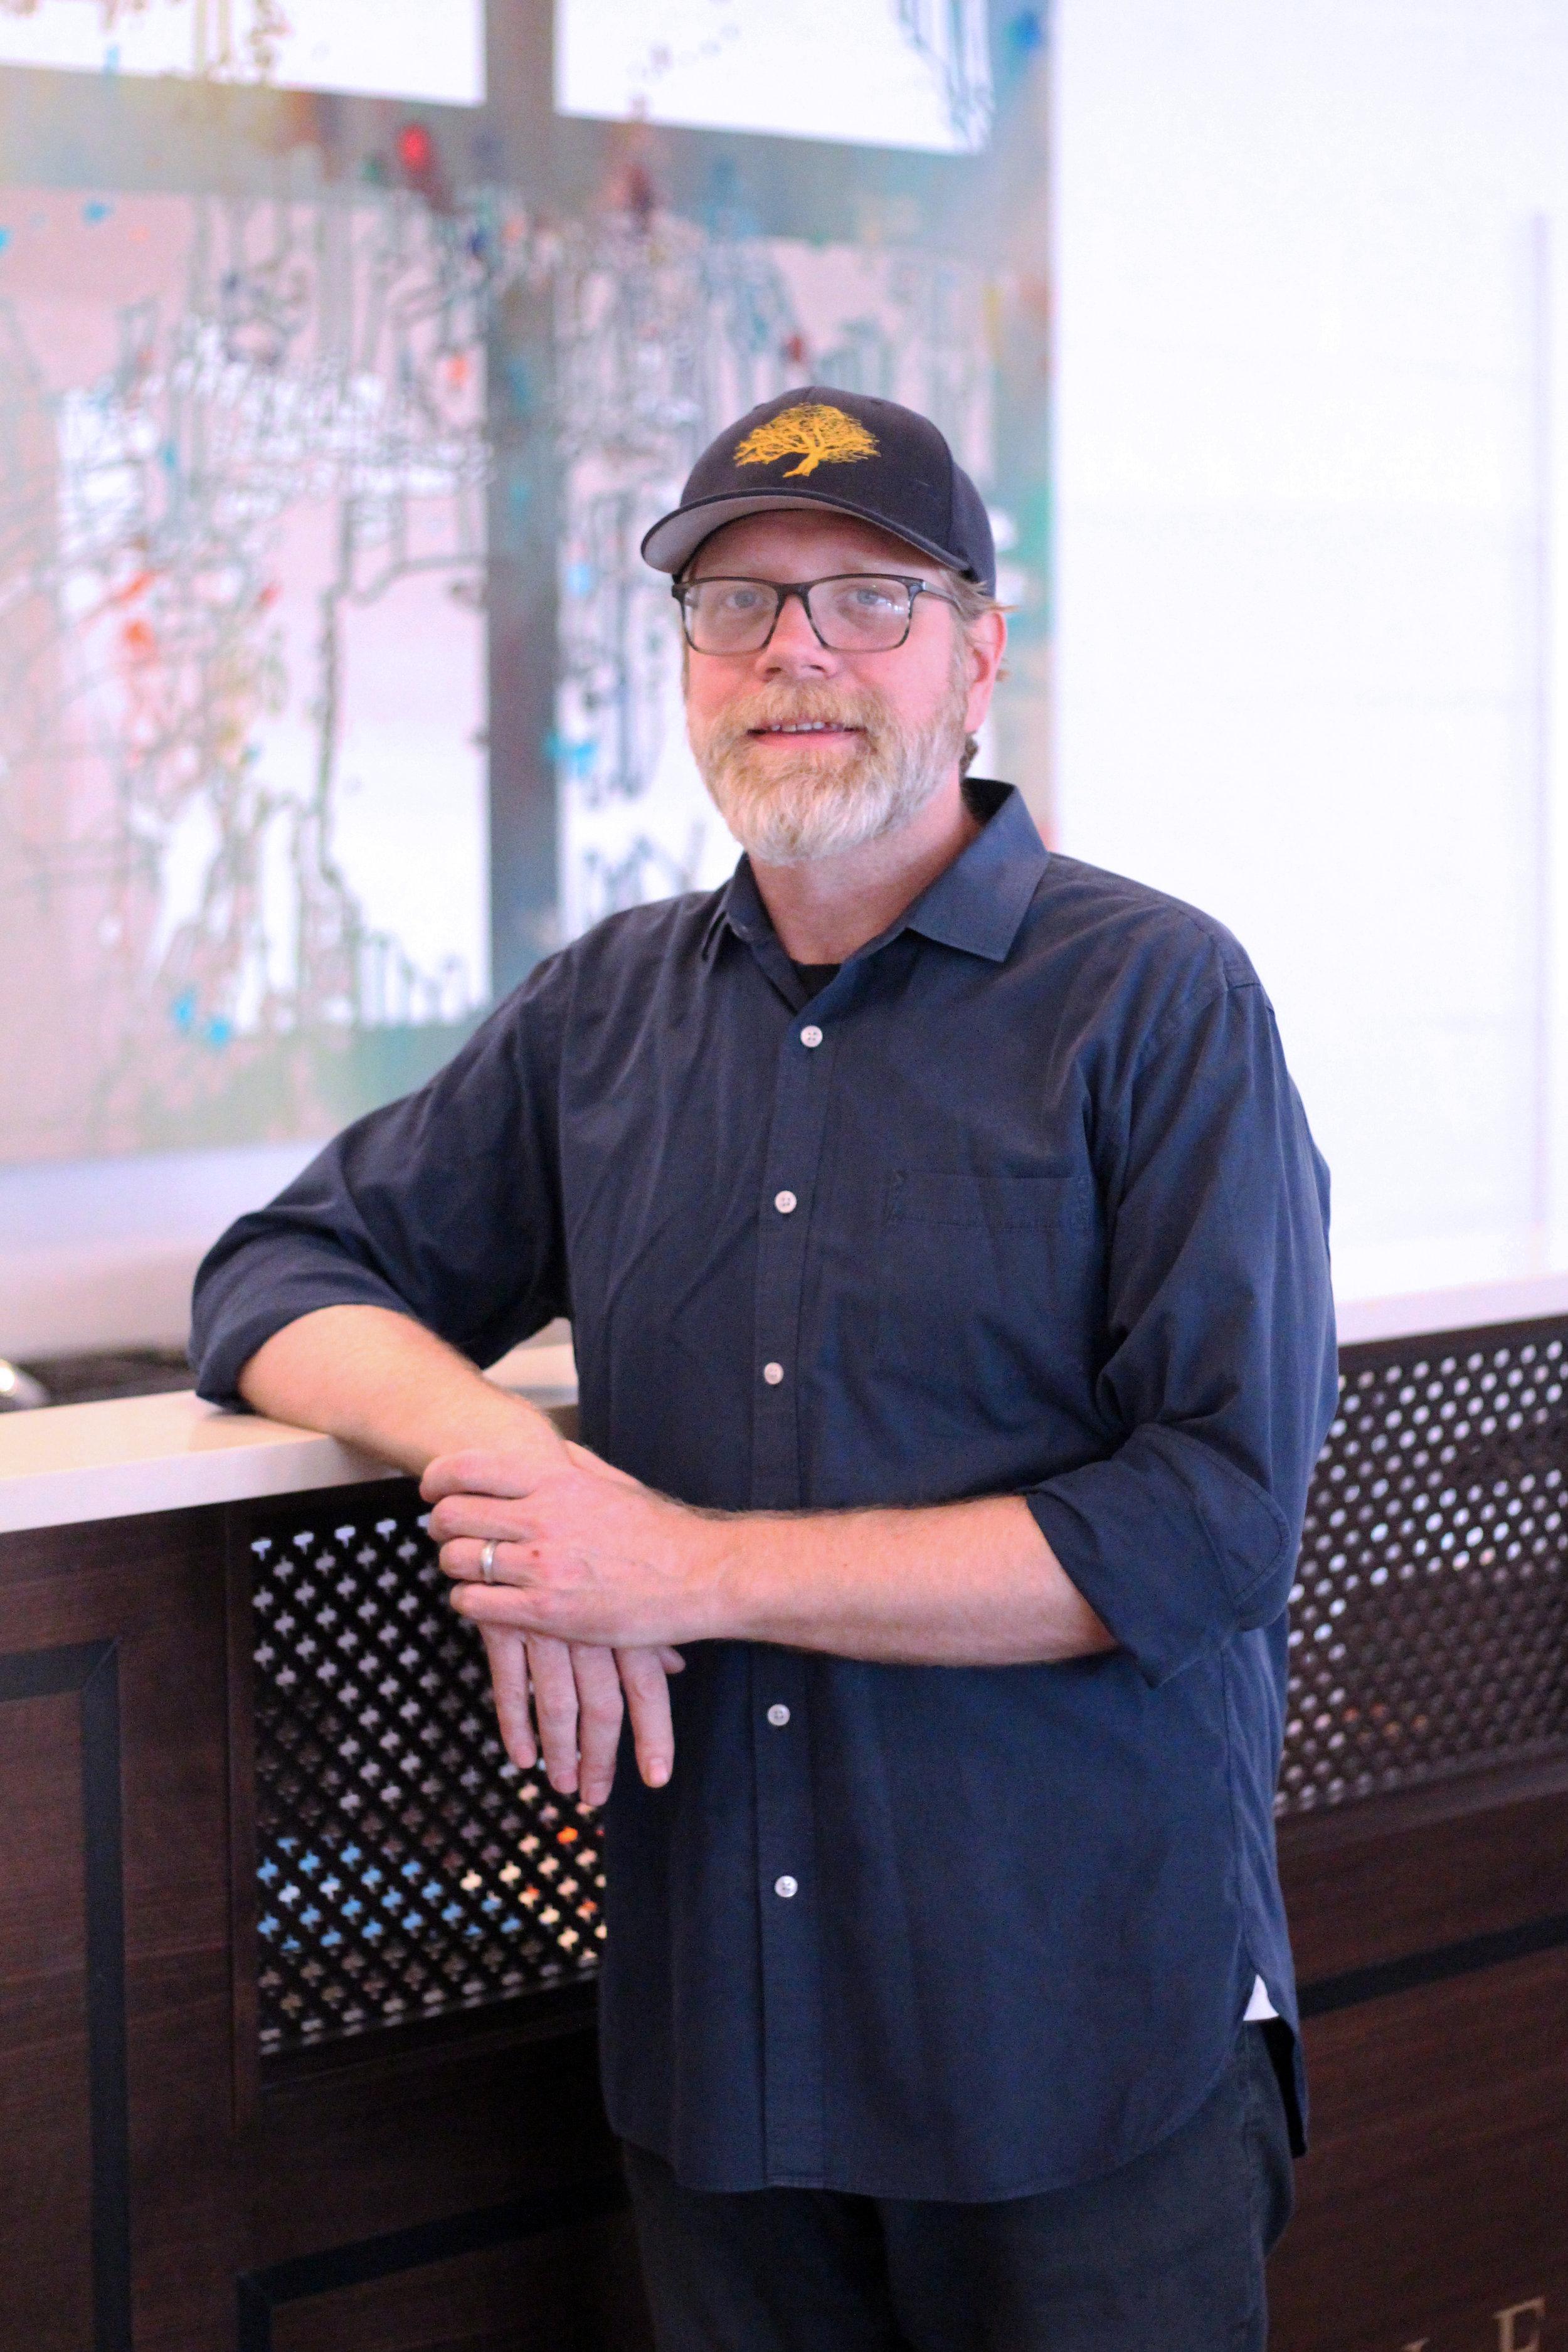 John Stephenson Nashville chef restaurateur